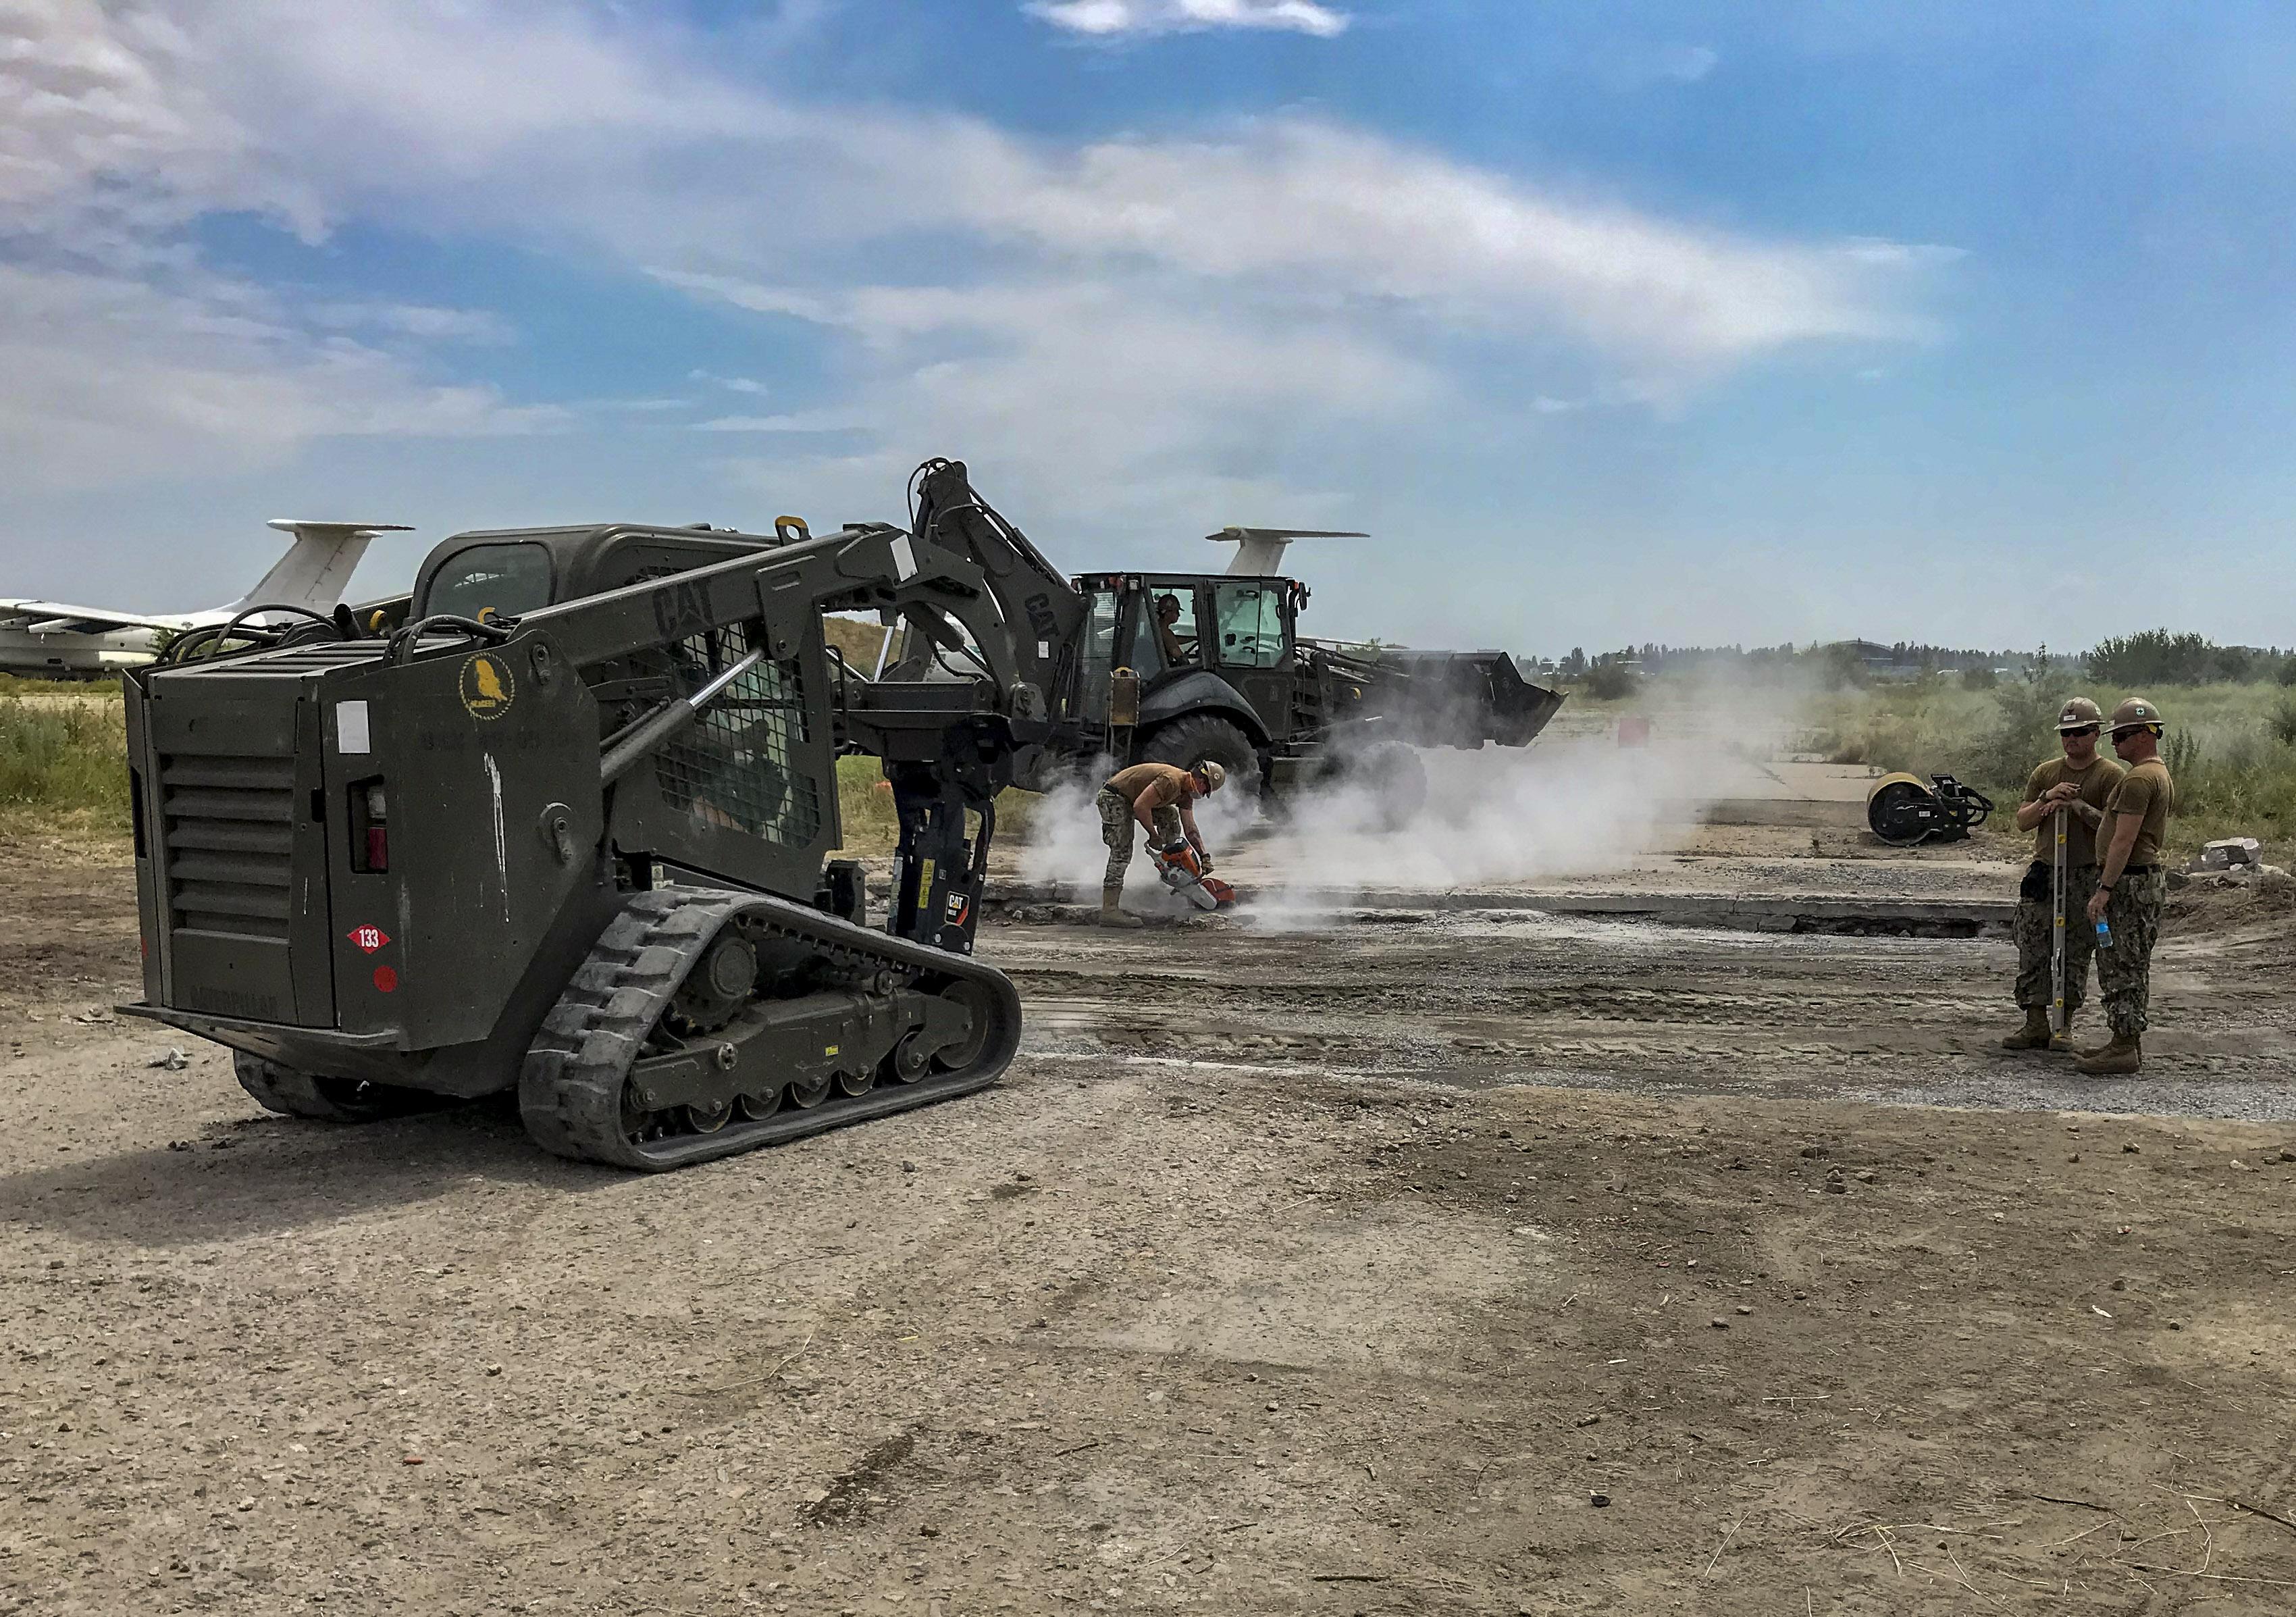 Завершення робіт з демонтажу зруйнованих плит злітно-посадкової смуги аеродрому в Миколаєві